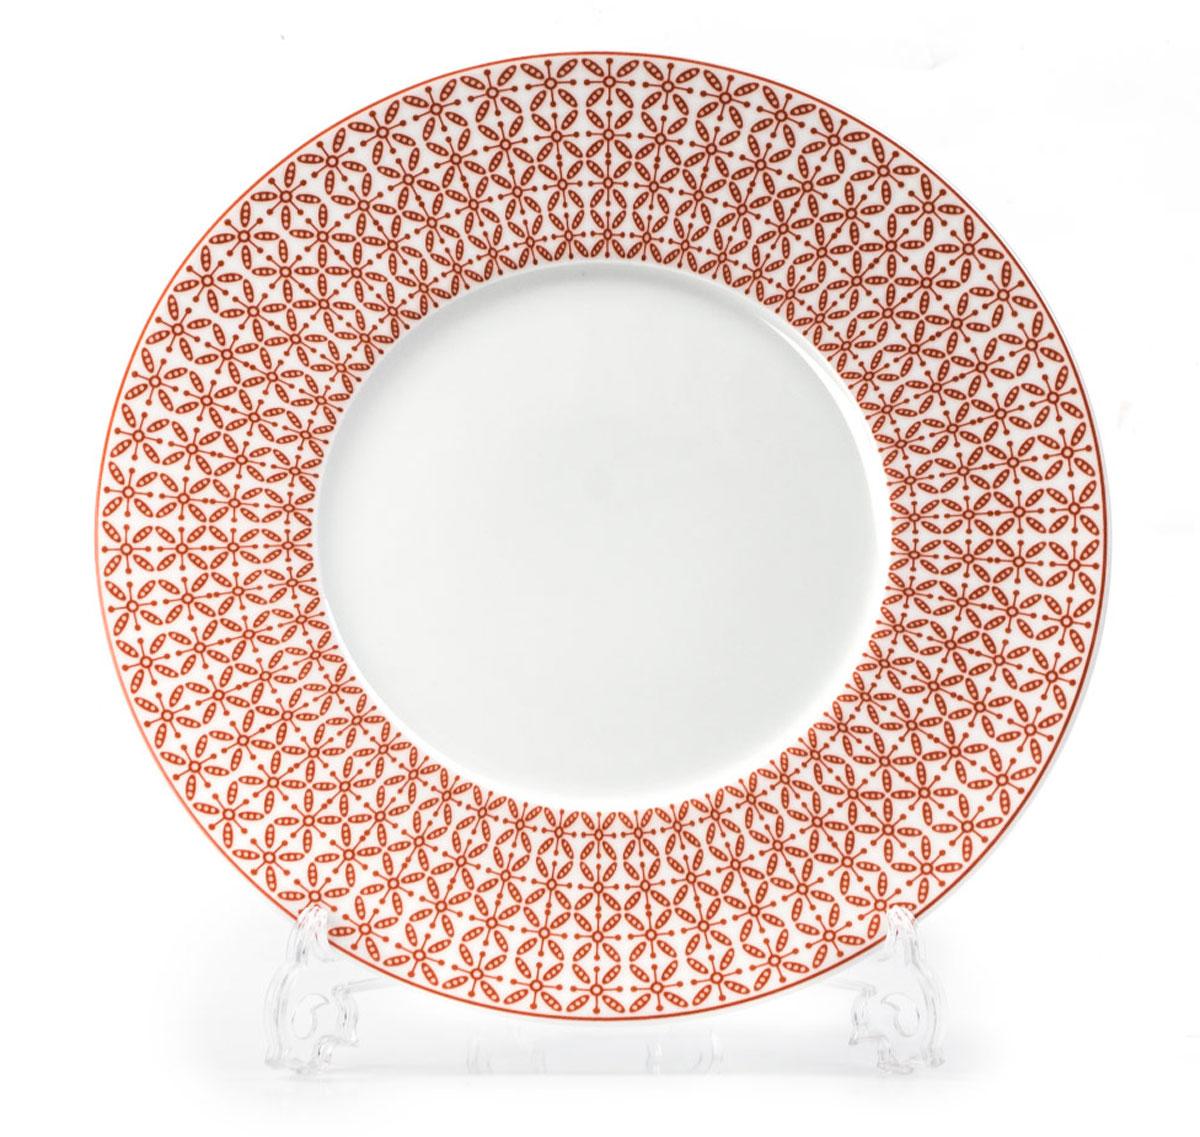 Тарелка La Rose des Sables Ажур, цвет: красный, белый, диаметр 27 см115510Тарелка La Rose des Sables Ажур выполнена из высококачественного тунисского фарфора, изготовленного из уникальной белой глины. На всех изделиях La Rose des Sables можно увидеть маркировку Pate de Limoges. Это означает, что сырье для изготовления фарфора добывают во французской провинции Лимож, и качество соответствует высоким европейским стандартам. Все производство расположено в Тунисе. Особые свойства этой глины, открытые еще в 18 веке, позволяют создать удивительно тонкую, легкую и при этом прочную посуду. Благодаря двойному термическому обжигу фарфор обладает высокой ударопрочностью, стойкостью к сколам и трещинам, жаропрочностью и великолепным блеском глазури. Коллекция Ажур - это изысканная классика, дополненная красивым орнаментом по всей поверхности. Эта фарфоровая посуда станет настоящим украшением вашего стола. Прекрасный вариант как для праздничной, так и для повседневной сервировки стола. Можно использовать в СВЧ печи и мыть в посудомоечной машине.